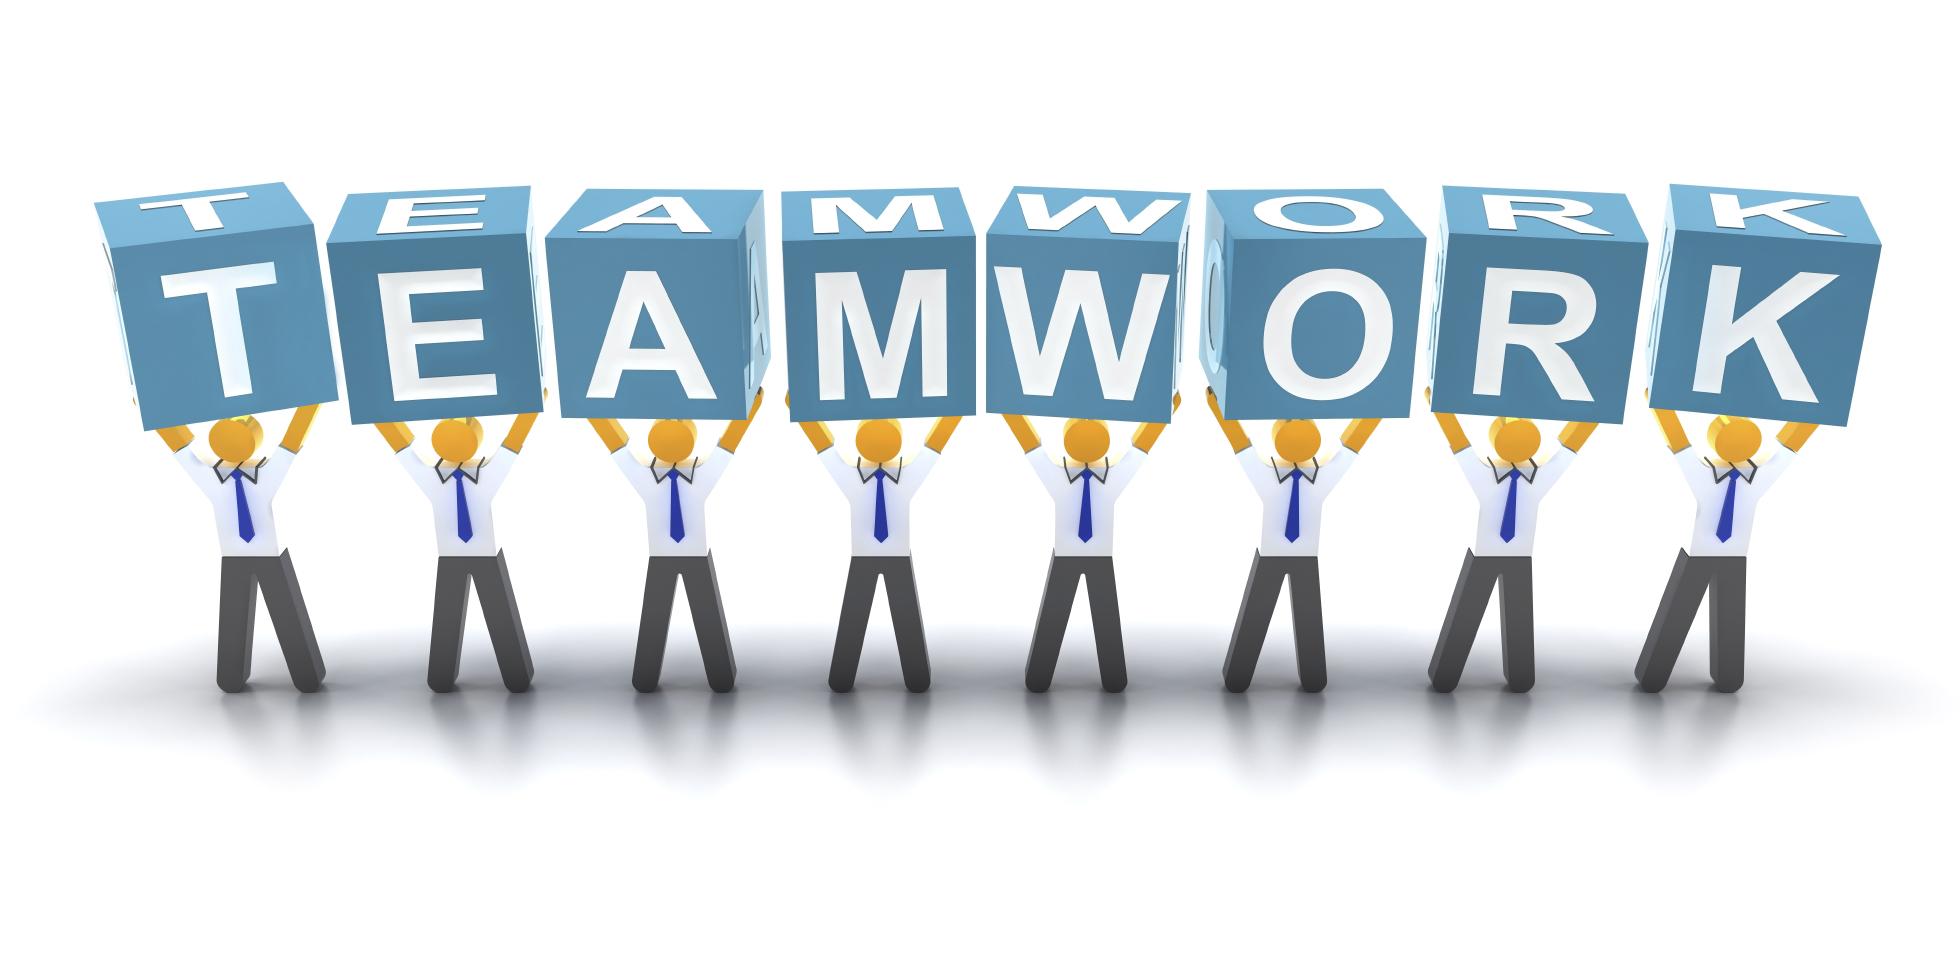 Teamwork Là Gì? Tìm Hiểu Về Teamwork Là Gì?